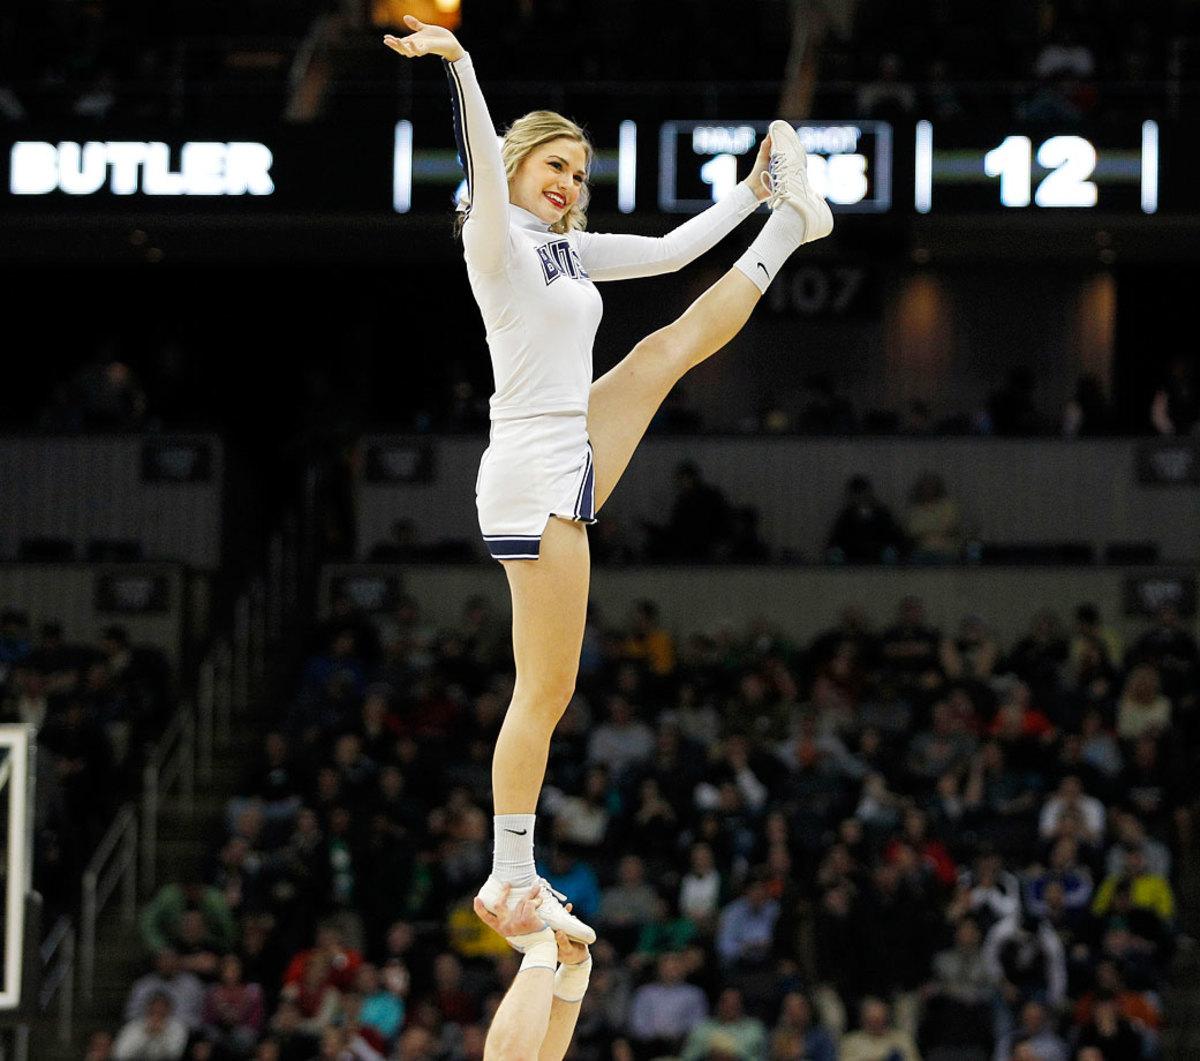 Butler-cheerleaders-466897986_10.jpg